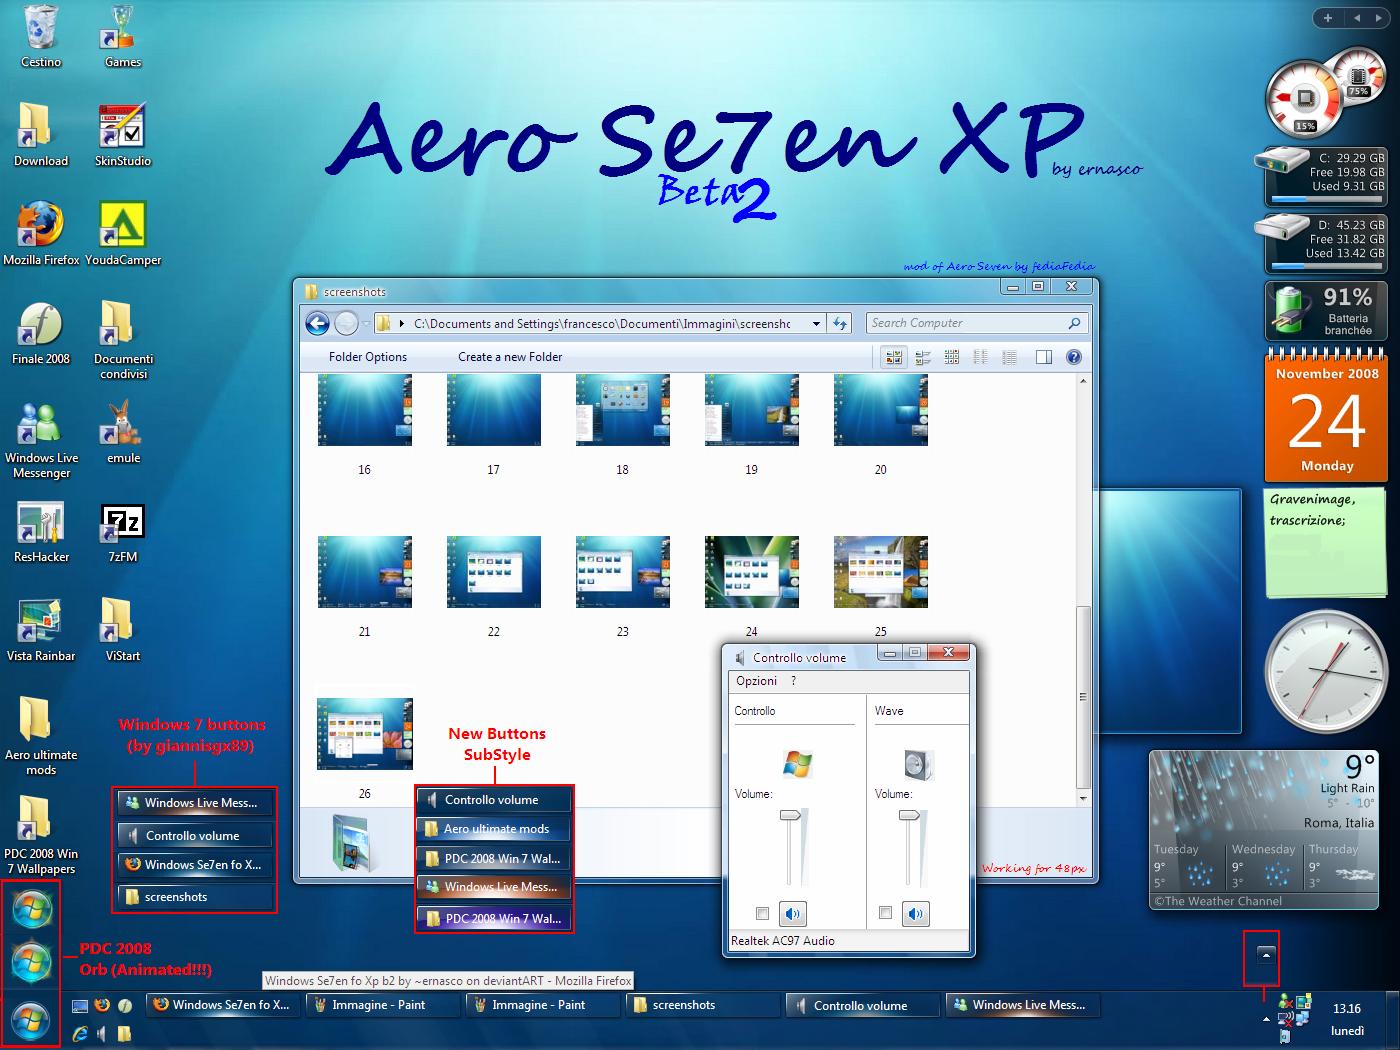 Windows Se7en fo Xp b2